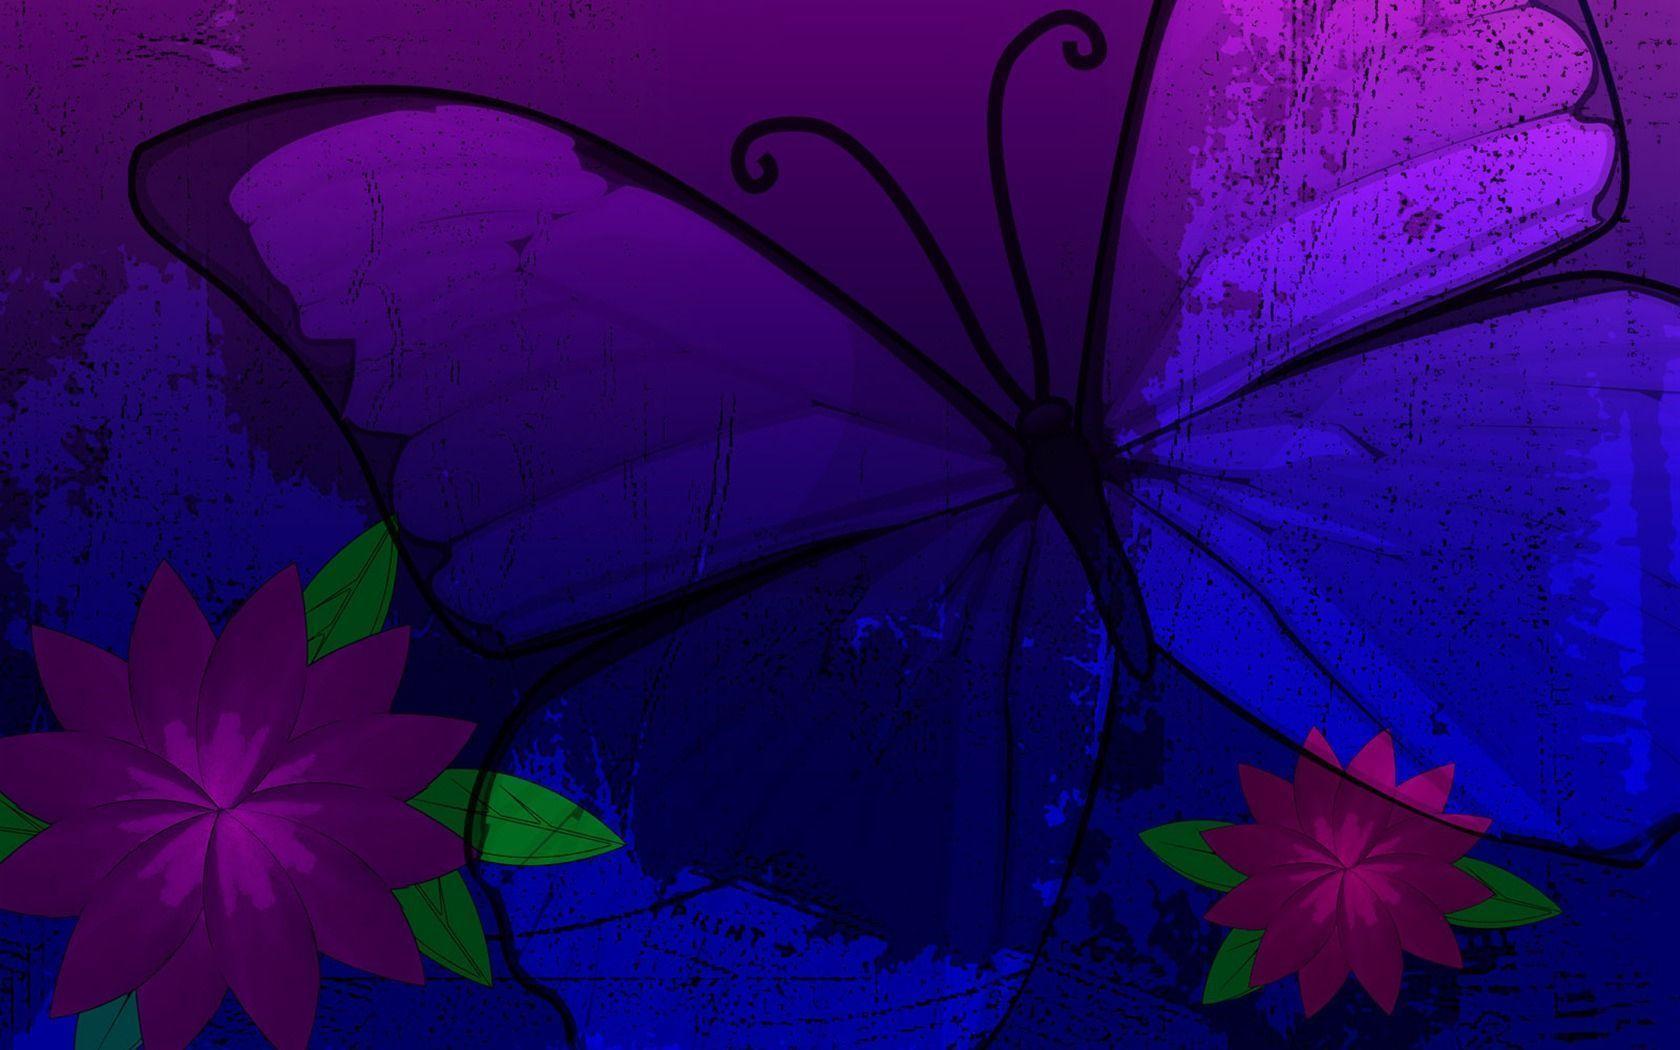 Purple Butterfly Backgrounds Purple Butterfly Backg...